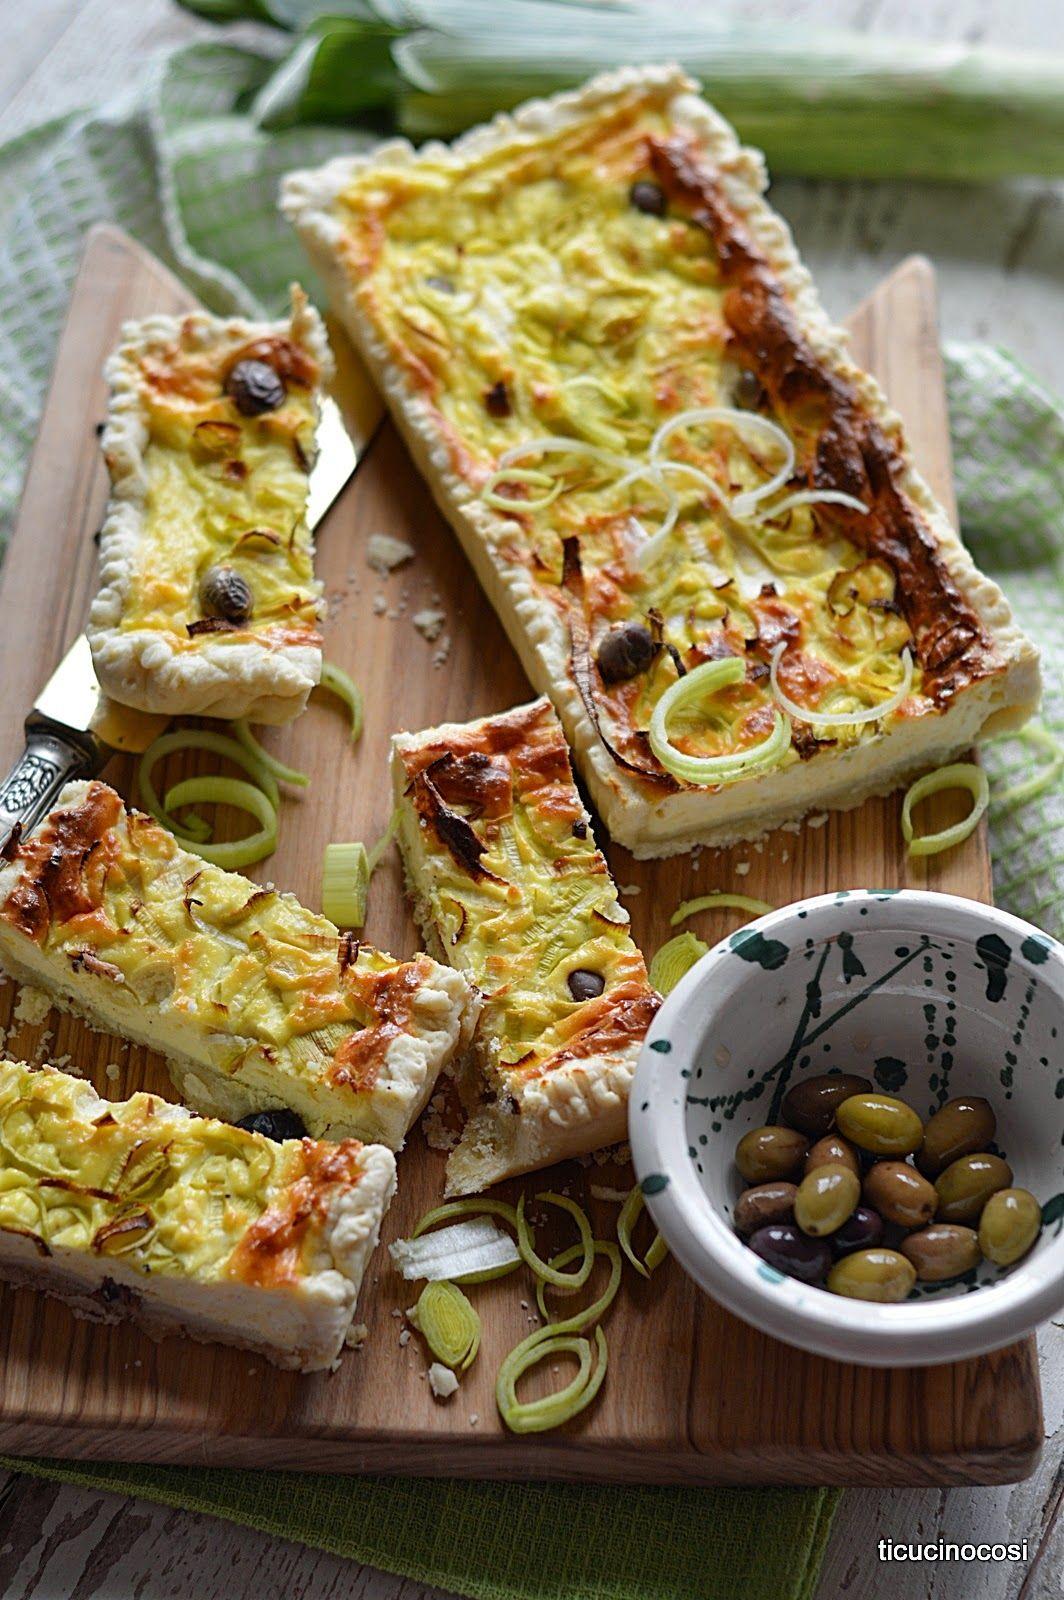 5877979f83ca0f41b1828fa62cc0984b - Ricette Salate Con Mascarpone